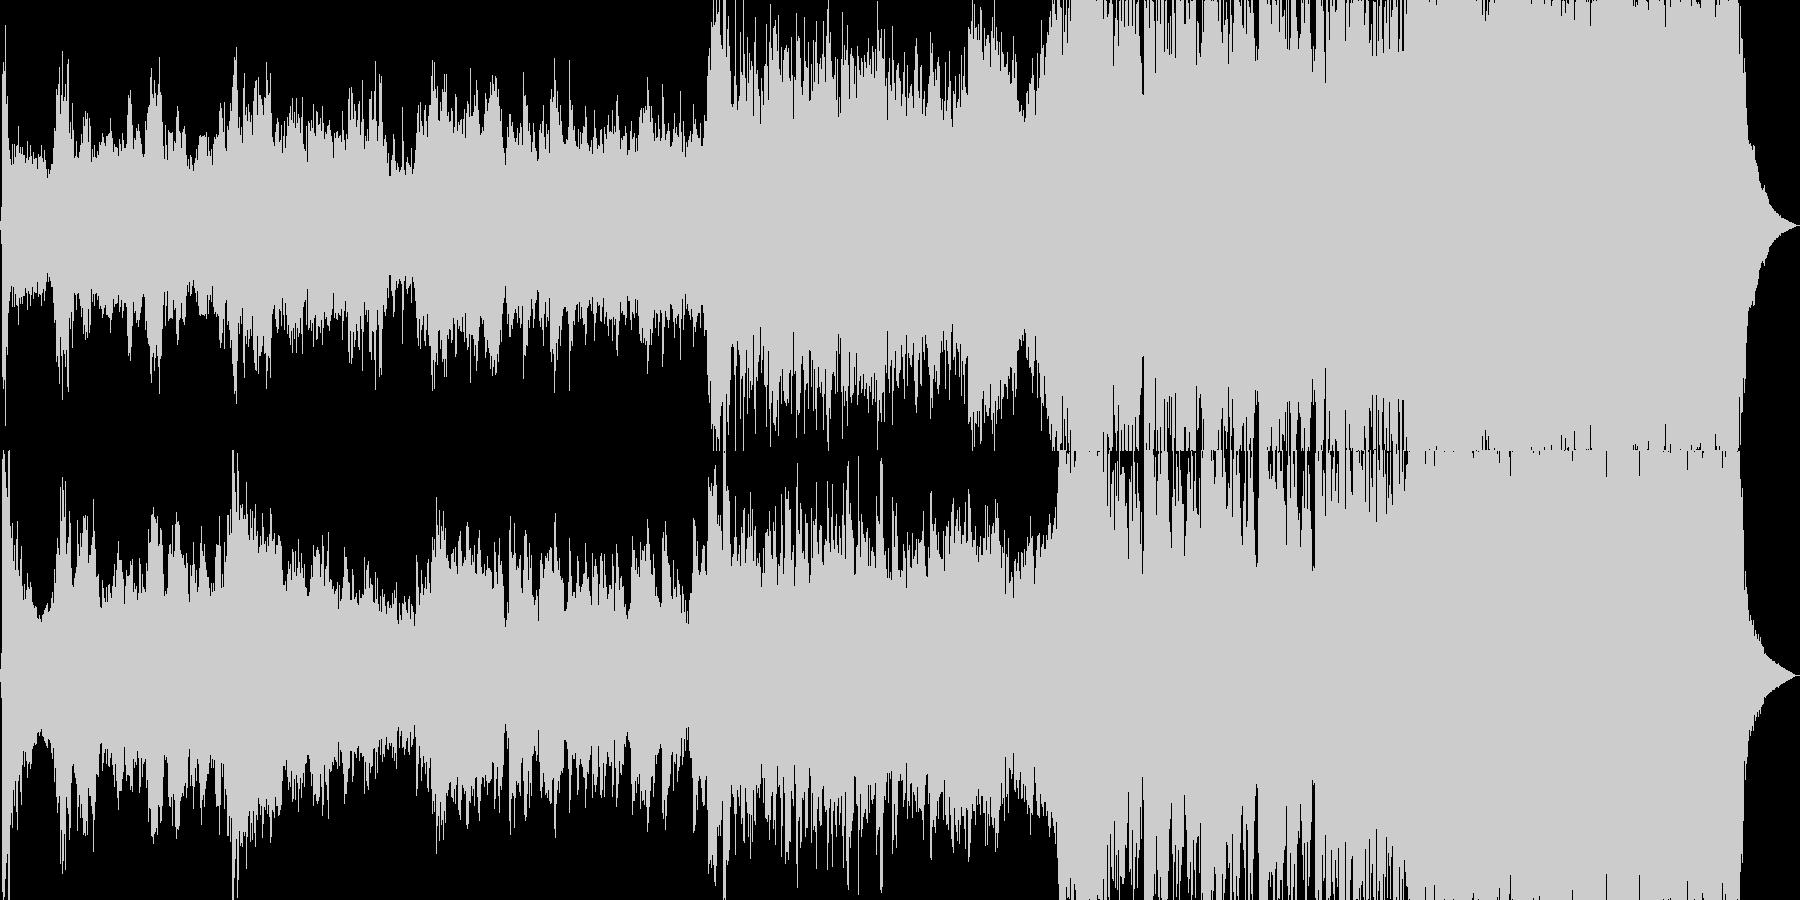 重苦しい雰囲気のオーケストラ風楽曲の未再生の波形